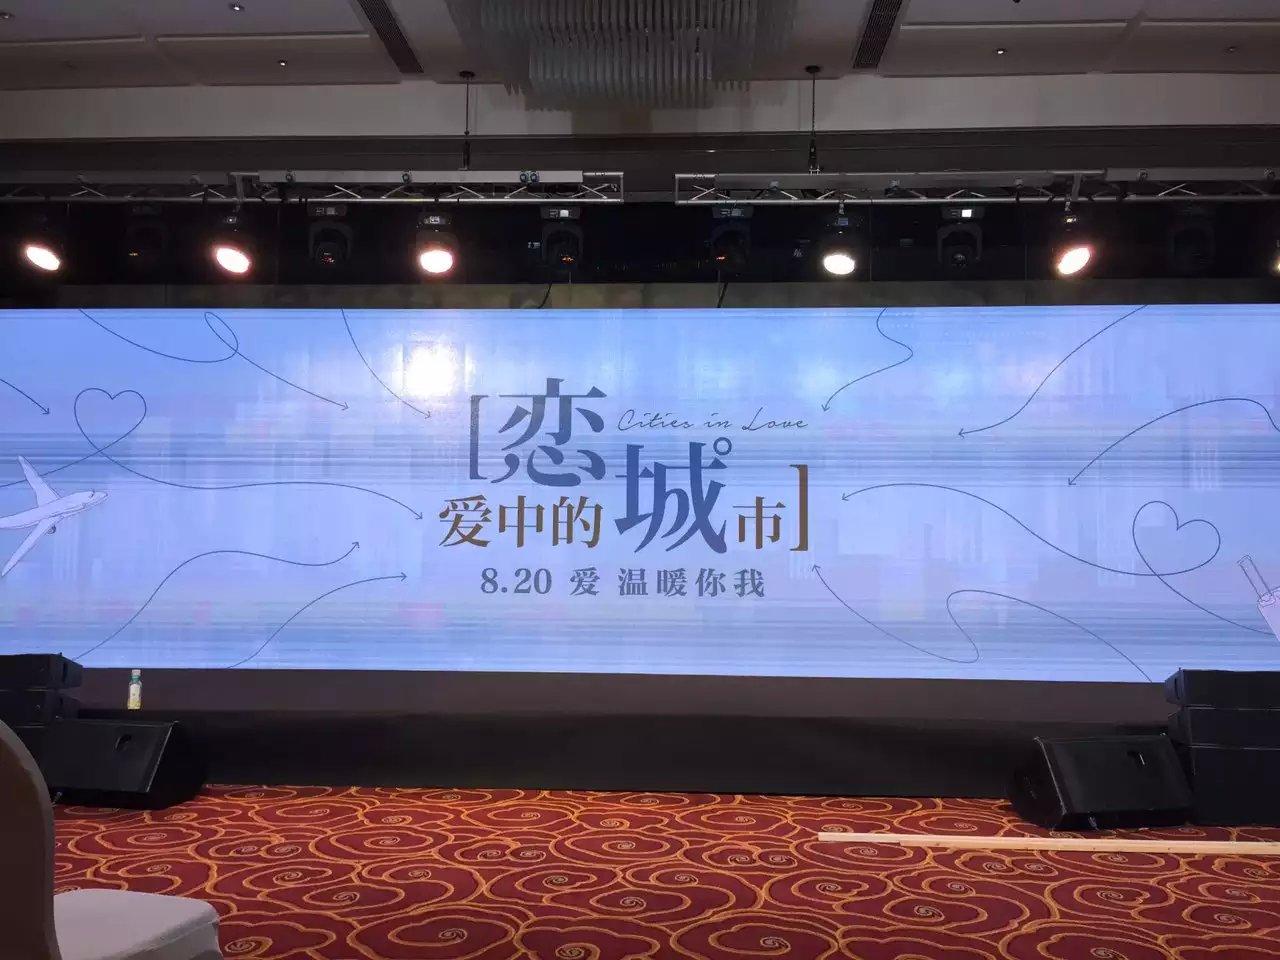 上海灯光音响租赁 led彩幕租赁的价格 最优质的led帕灯租